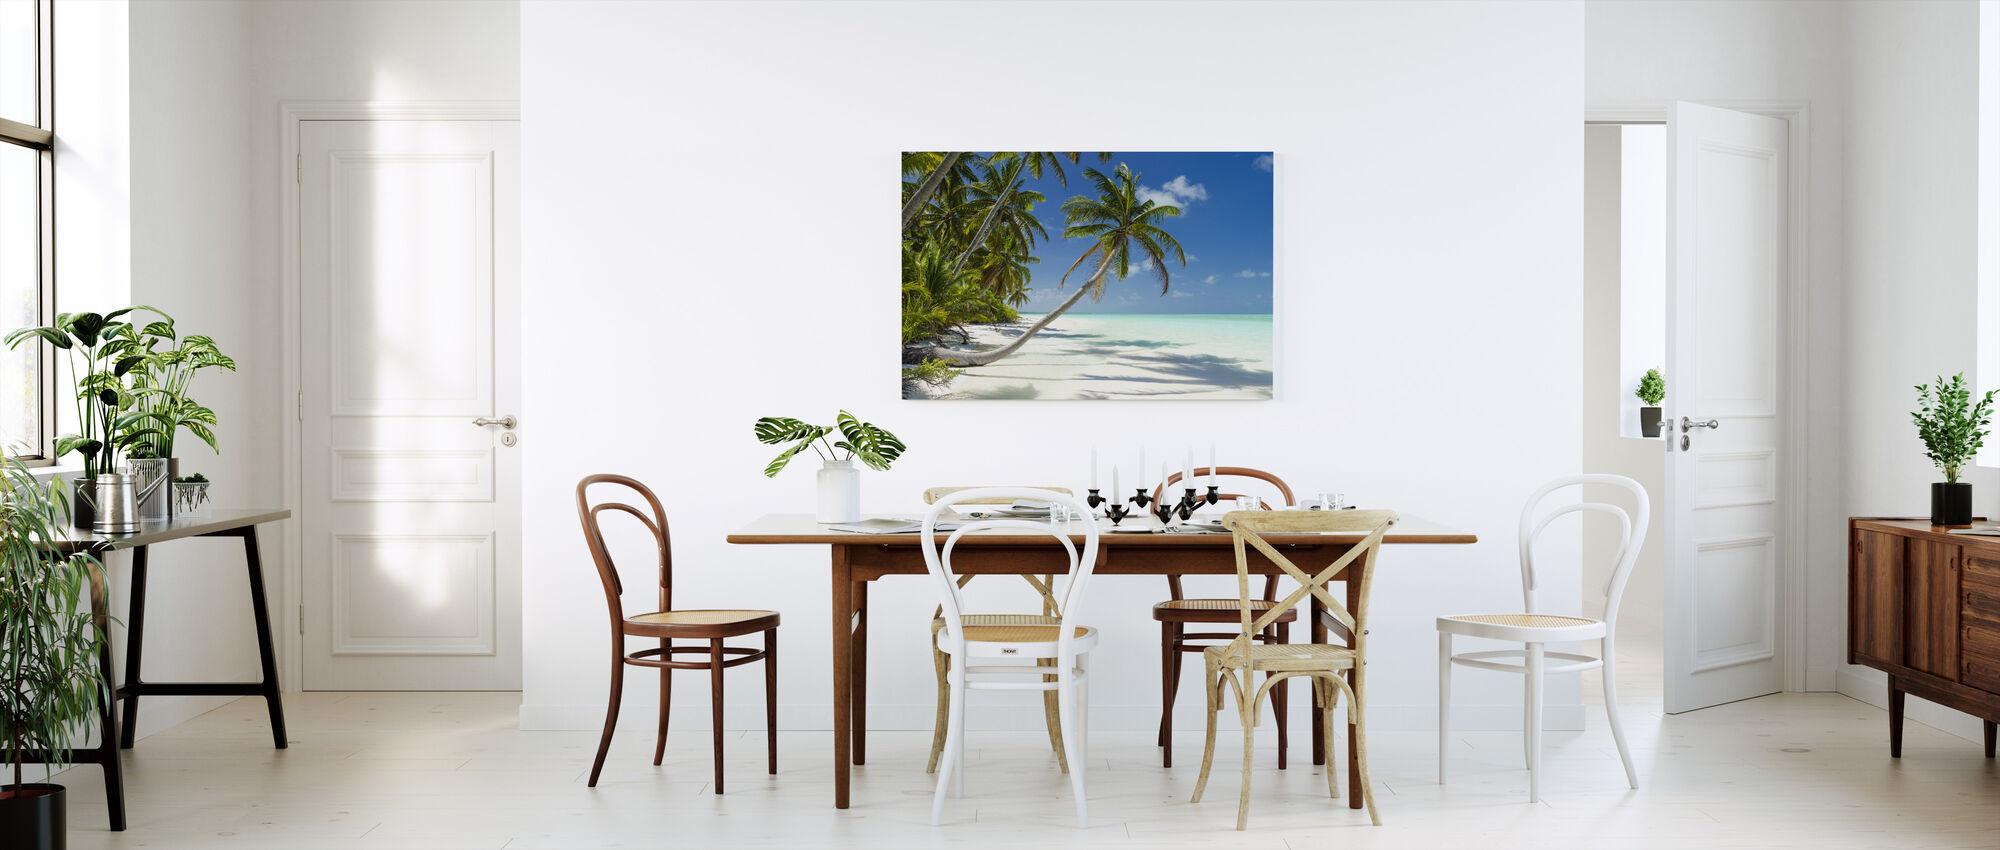 Lagune og palmer - Billede på lærred - Køkken